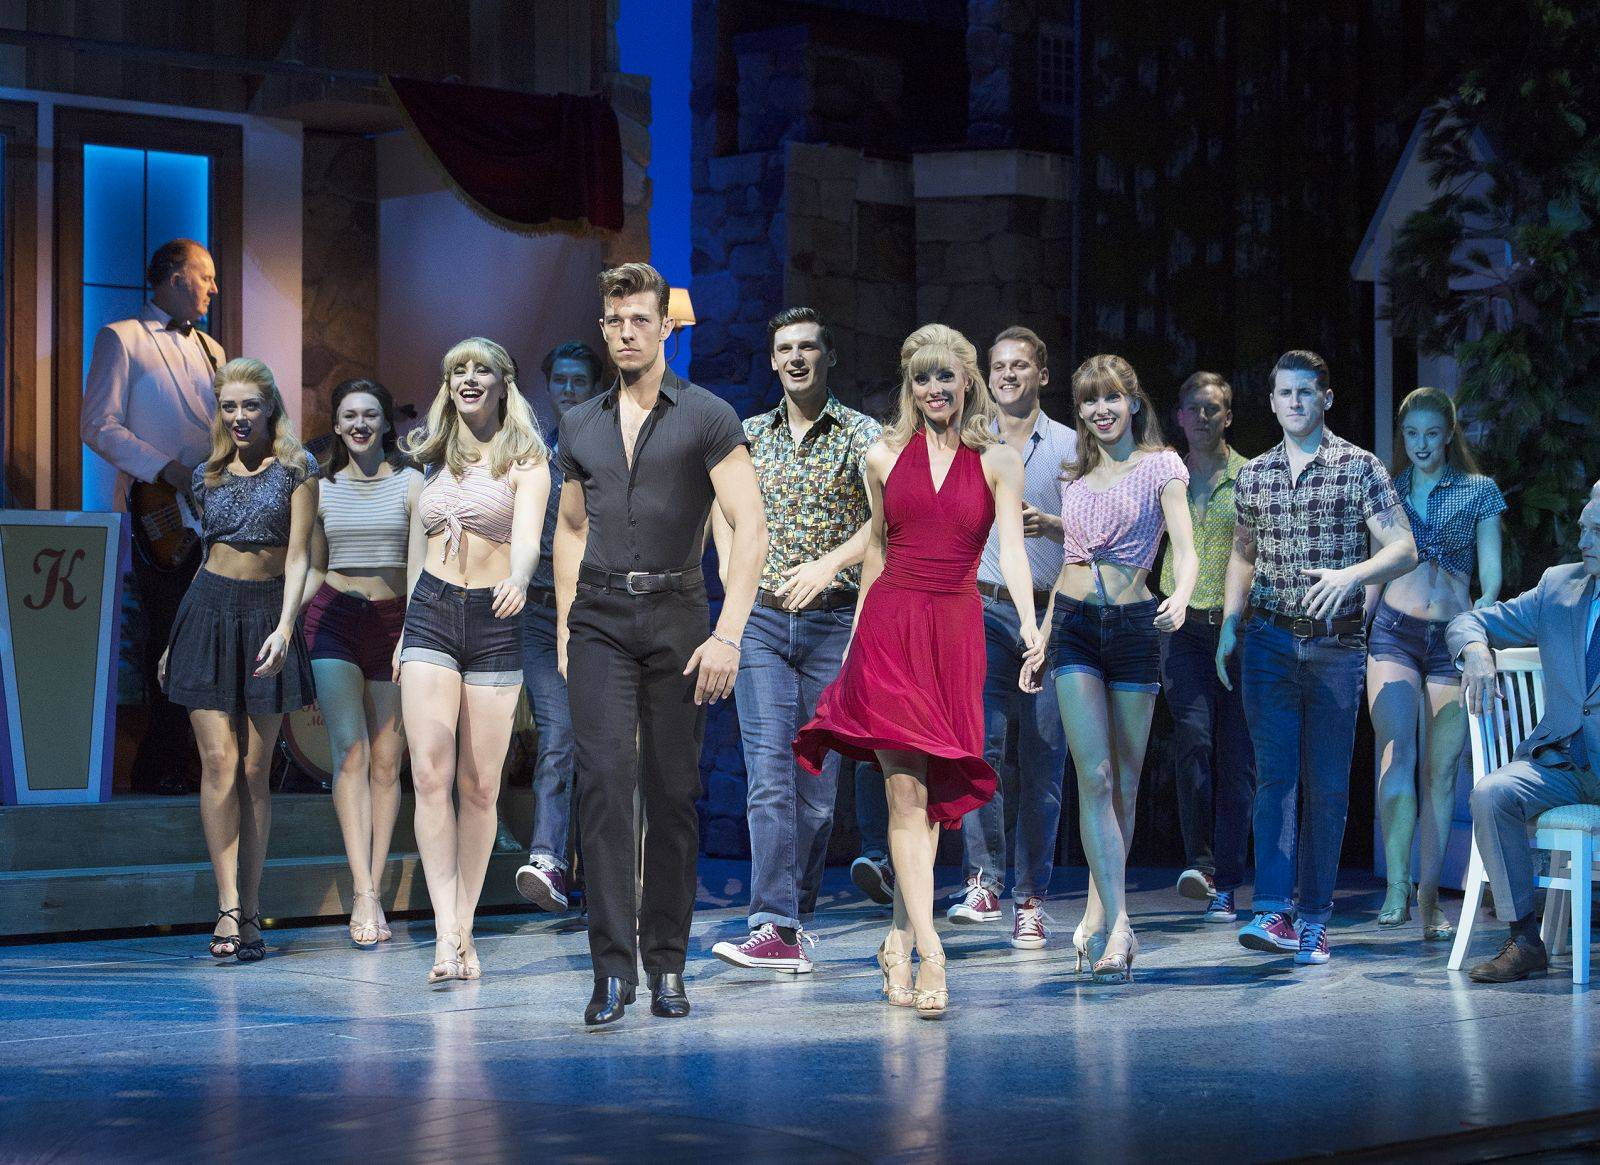 Actores de teatro Dirty Dancing. Fotografía de la web oficial de la obra.